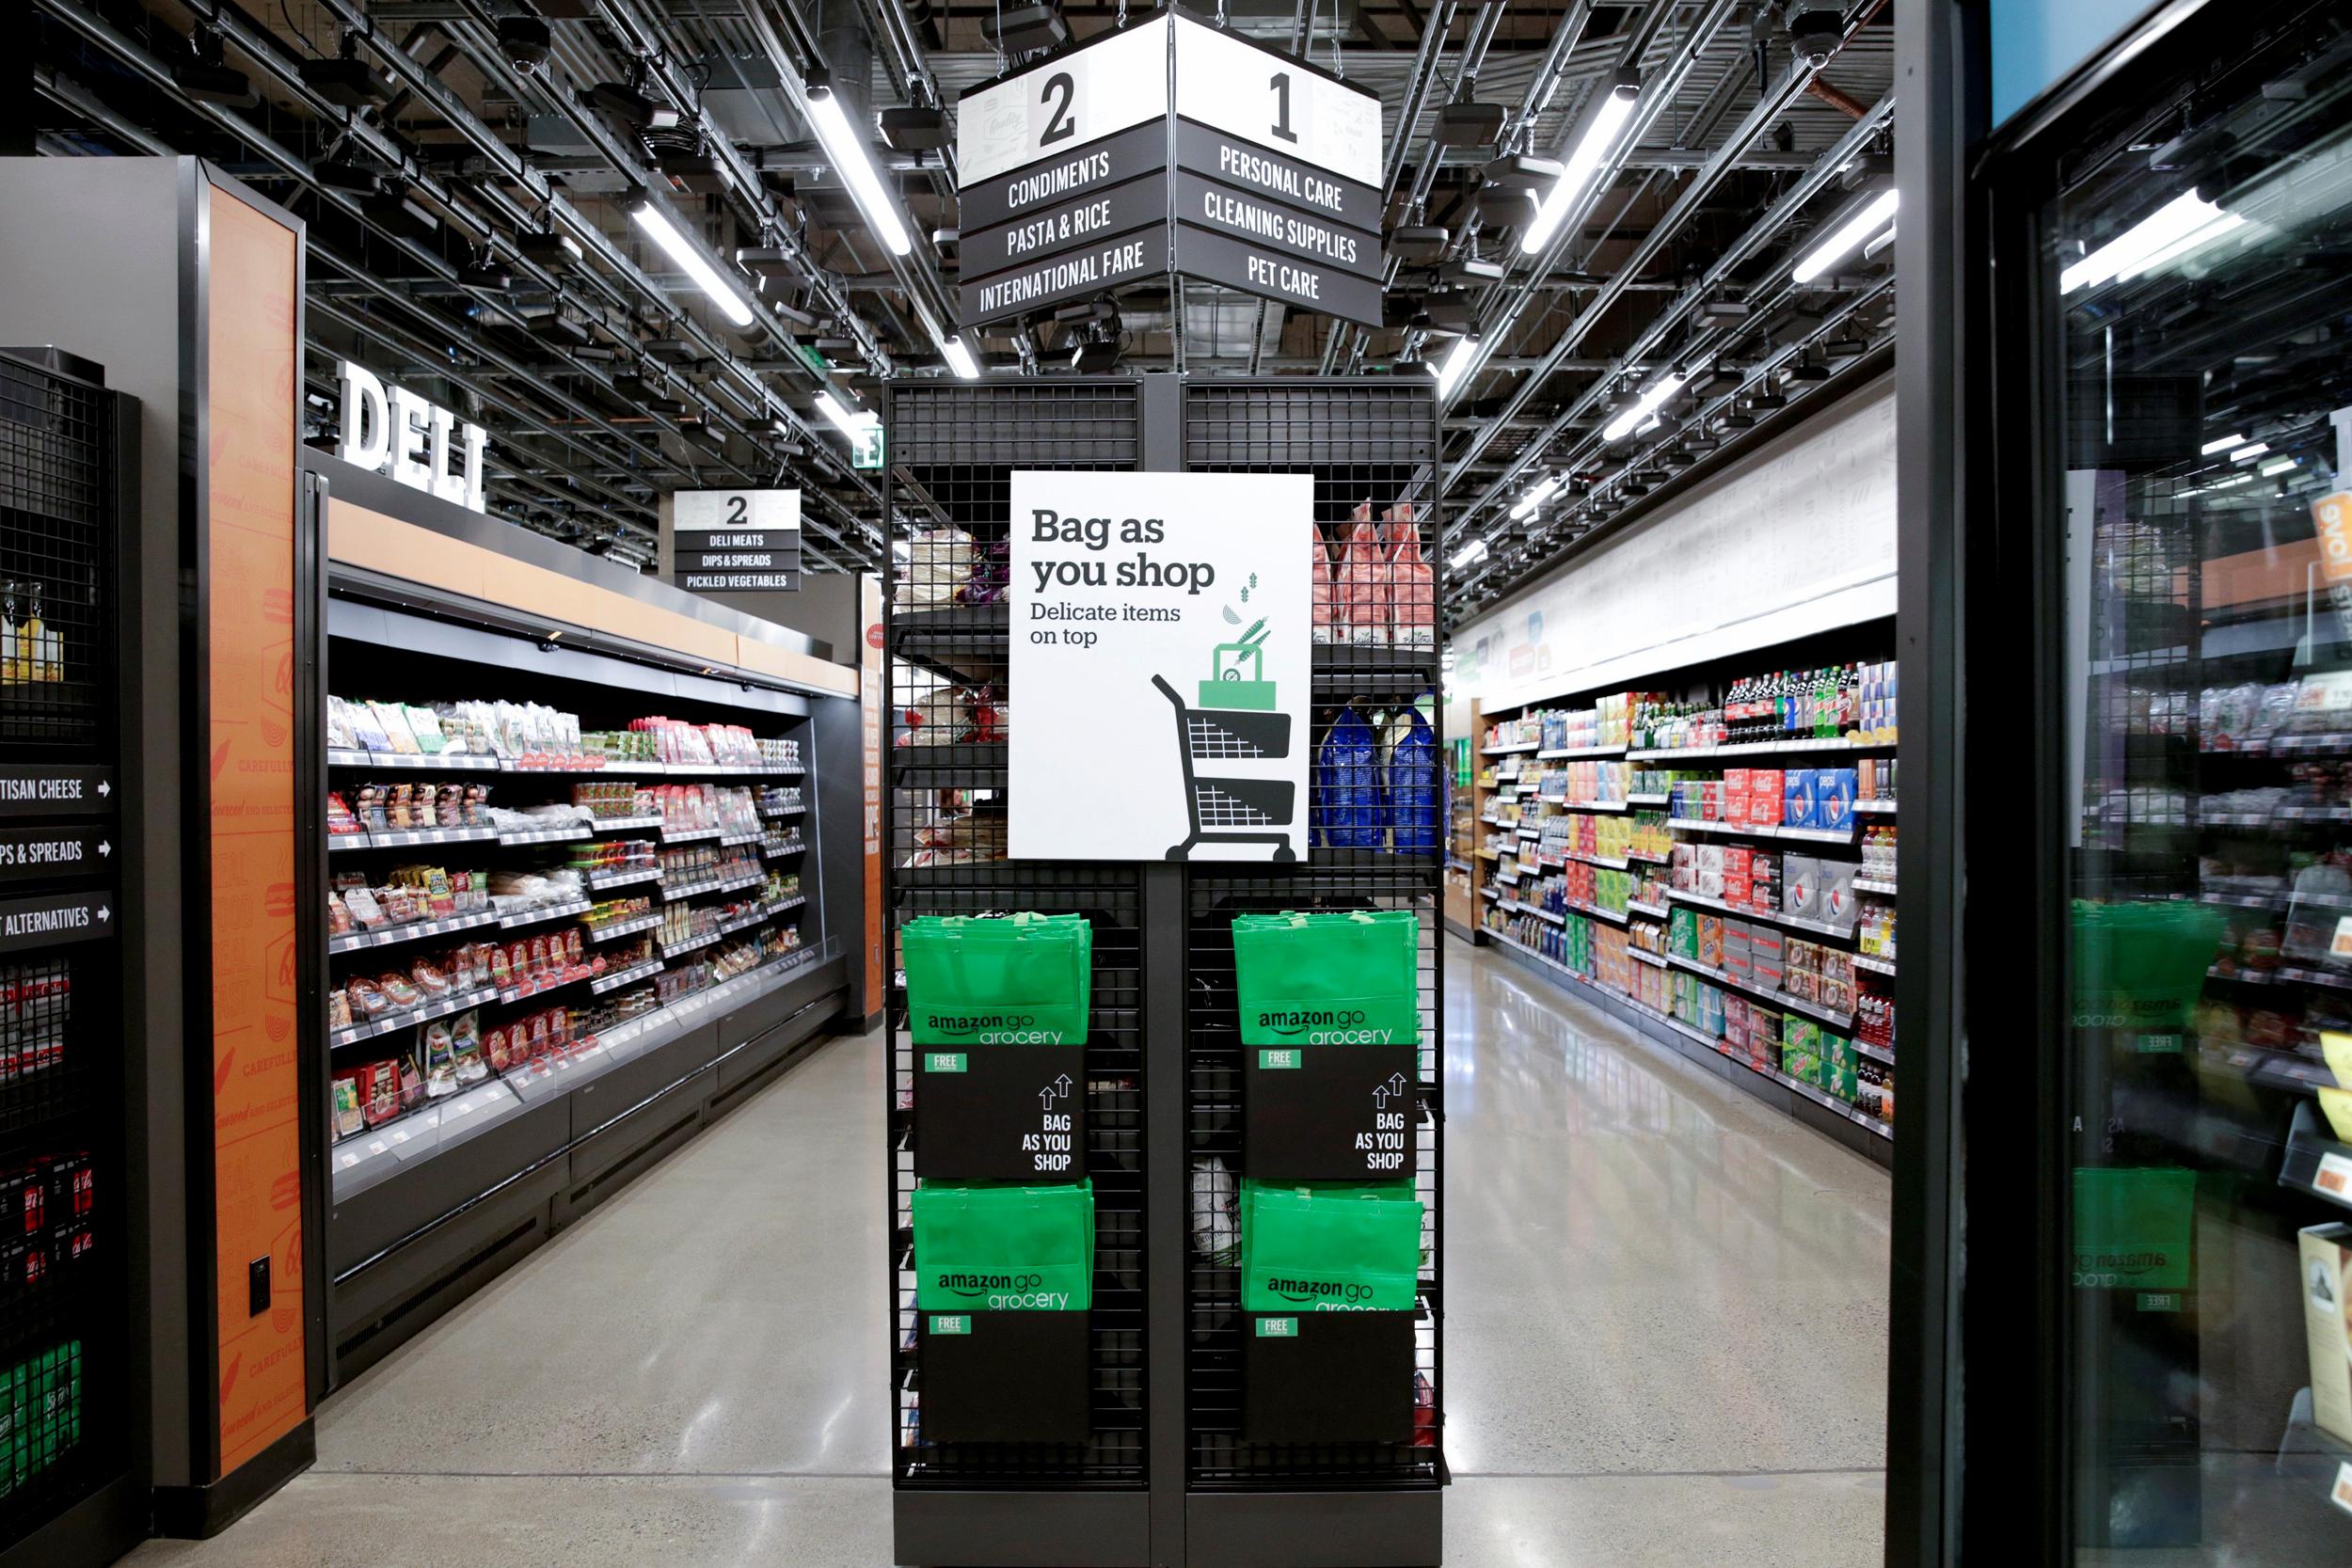 ¡Amazon abrió el primer supermercado del mundo sin empleados! - Radio Cantilo